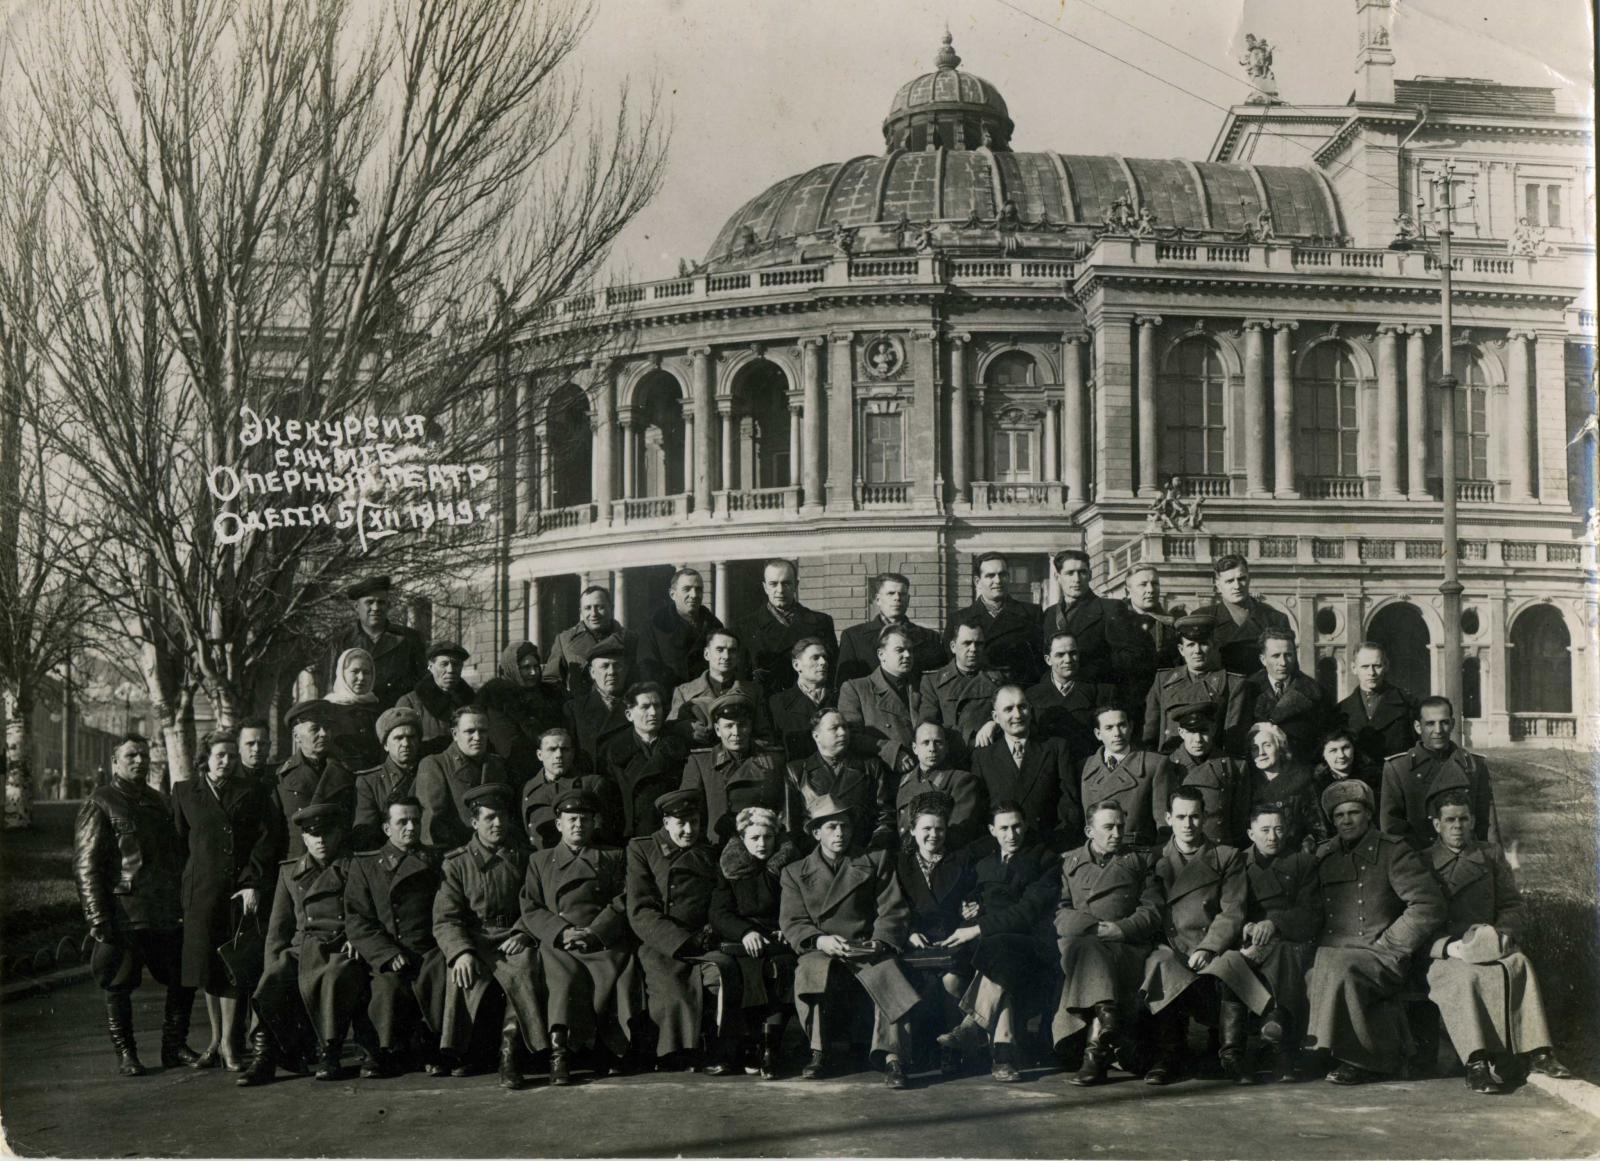 1949. Отдыхающие из санатория МГБ на экскурсии в г. Одессе, у здания Оперного театра, 5 декабря